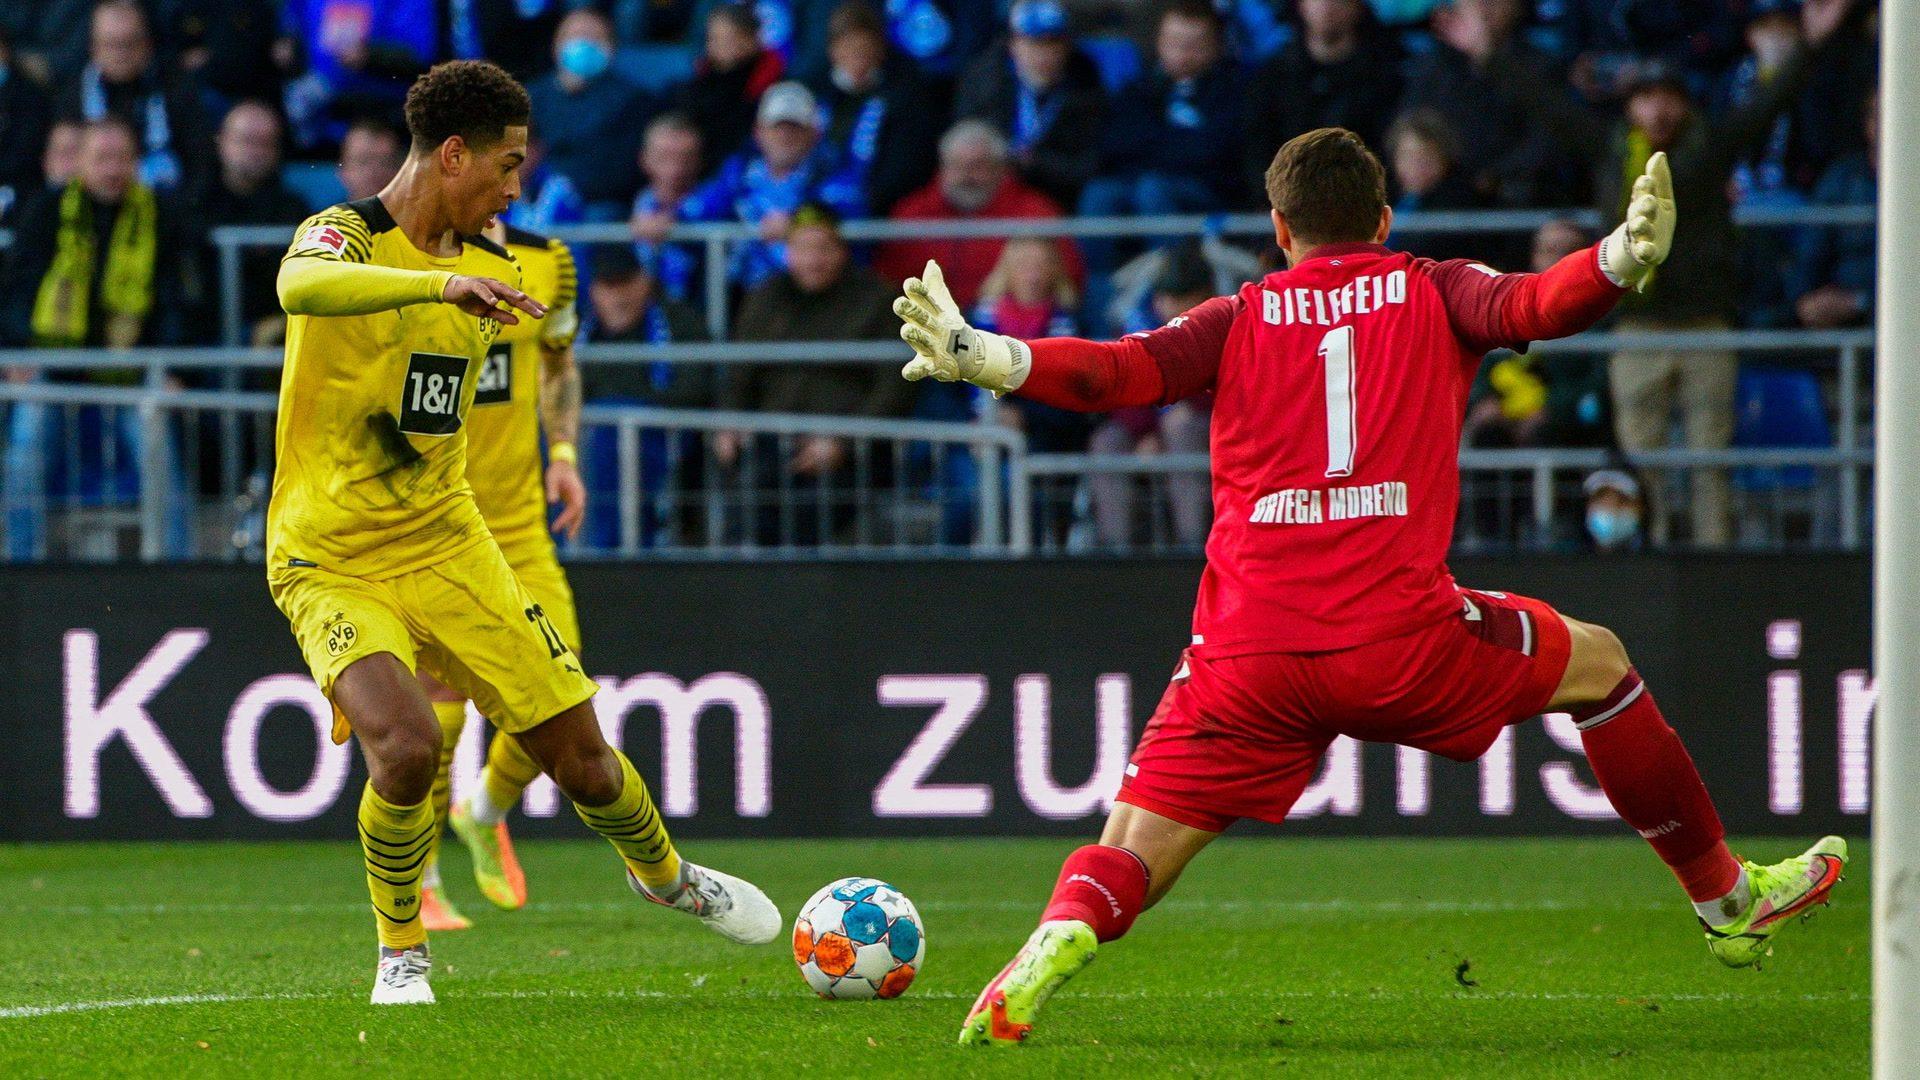 3:1-Sieg: Dortmund schlägt Bielefeld souverän